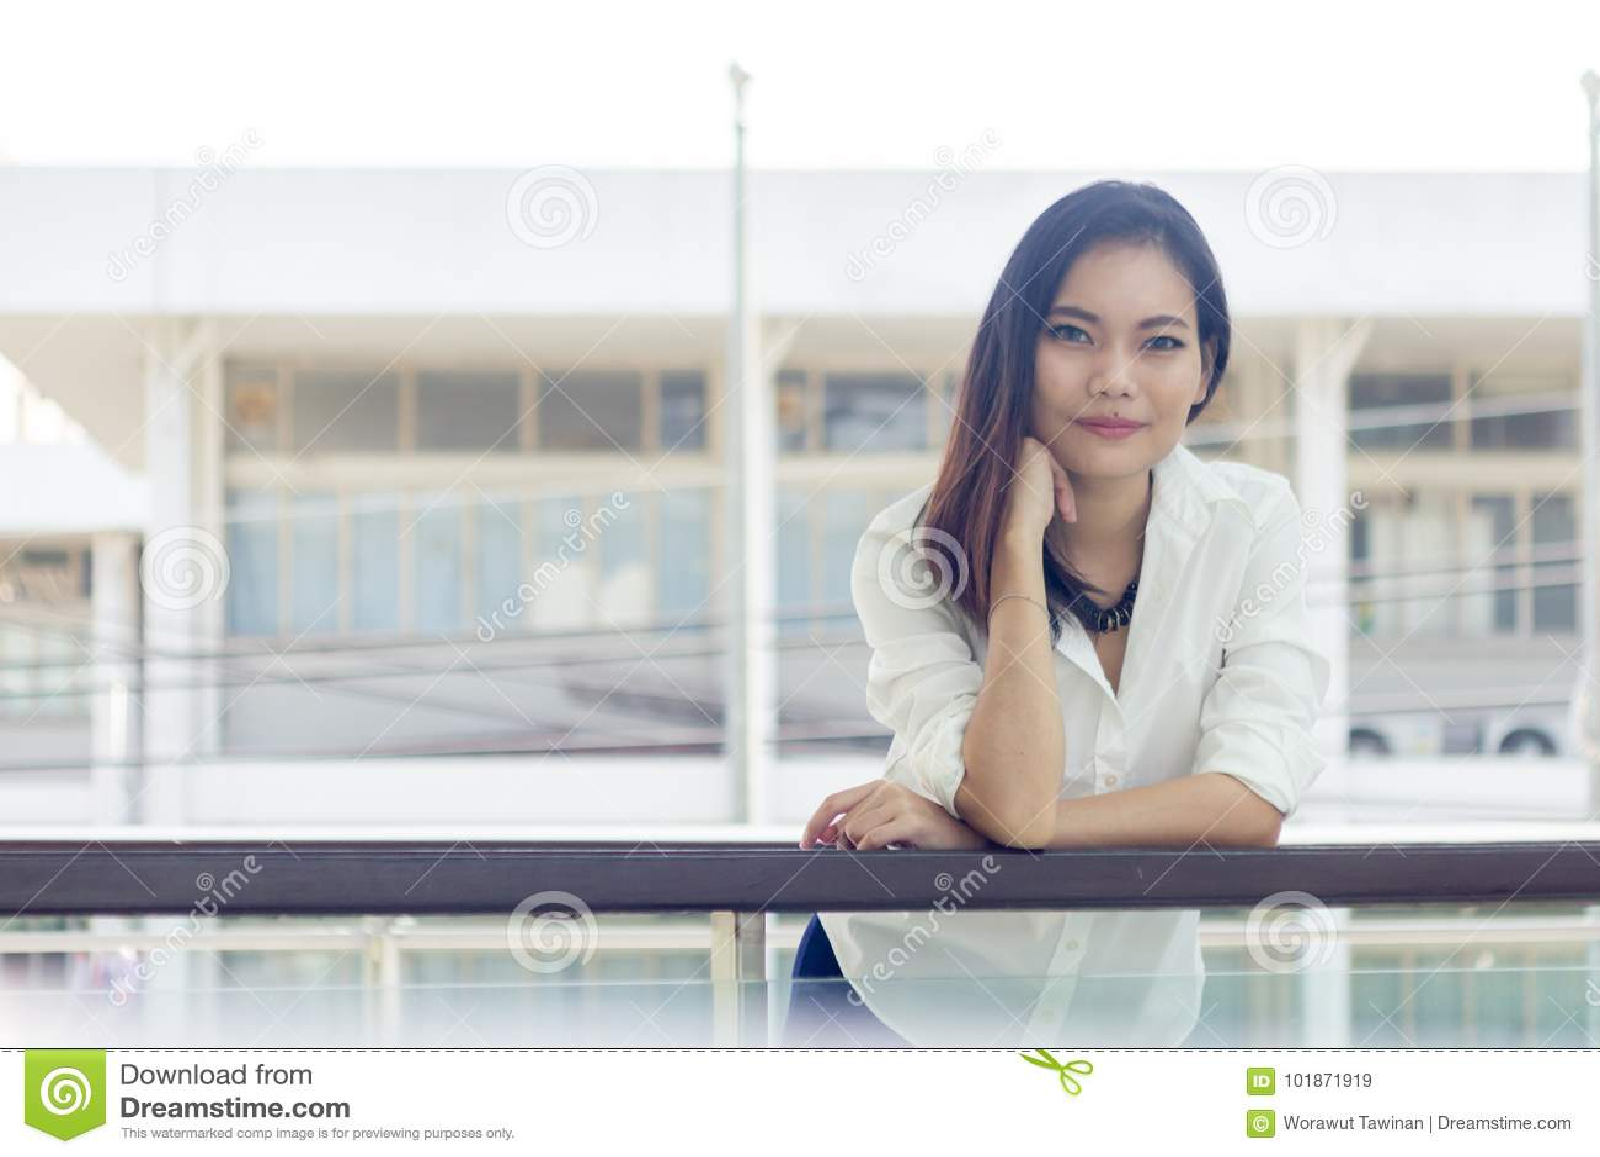 Mensen, Aziatische vrouwen,